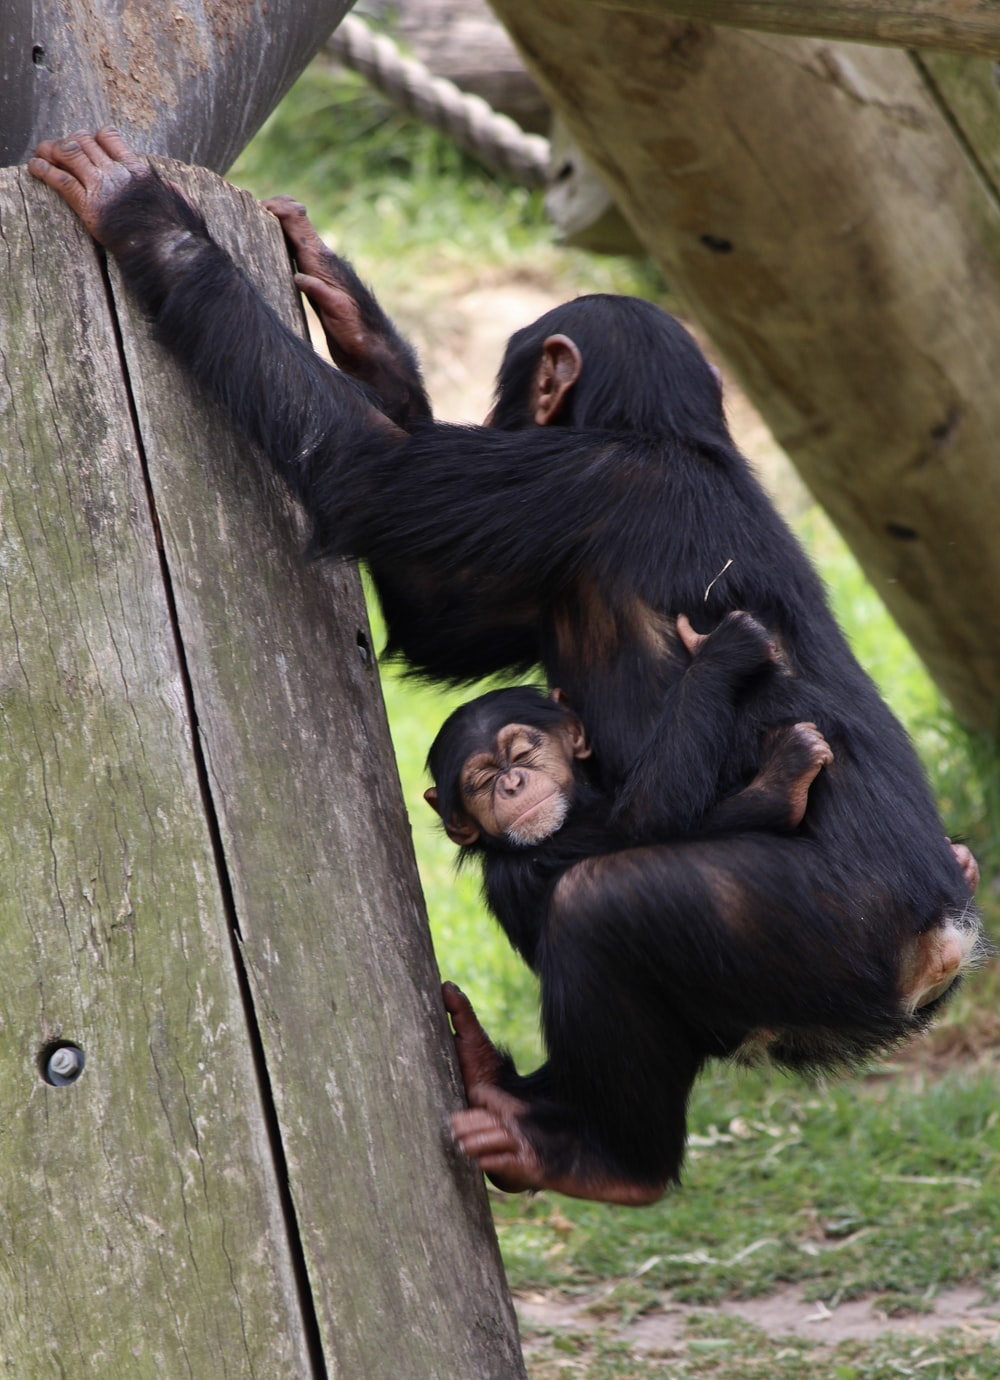 baby hugging chimpanzee hanging on wooden frame